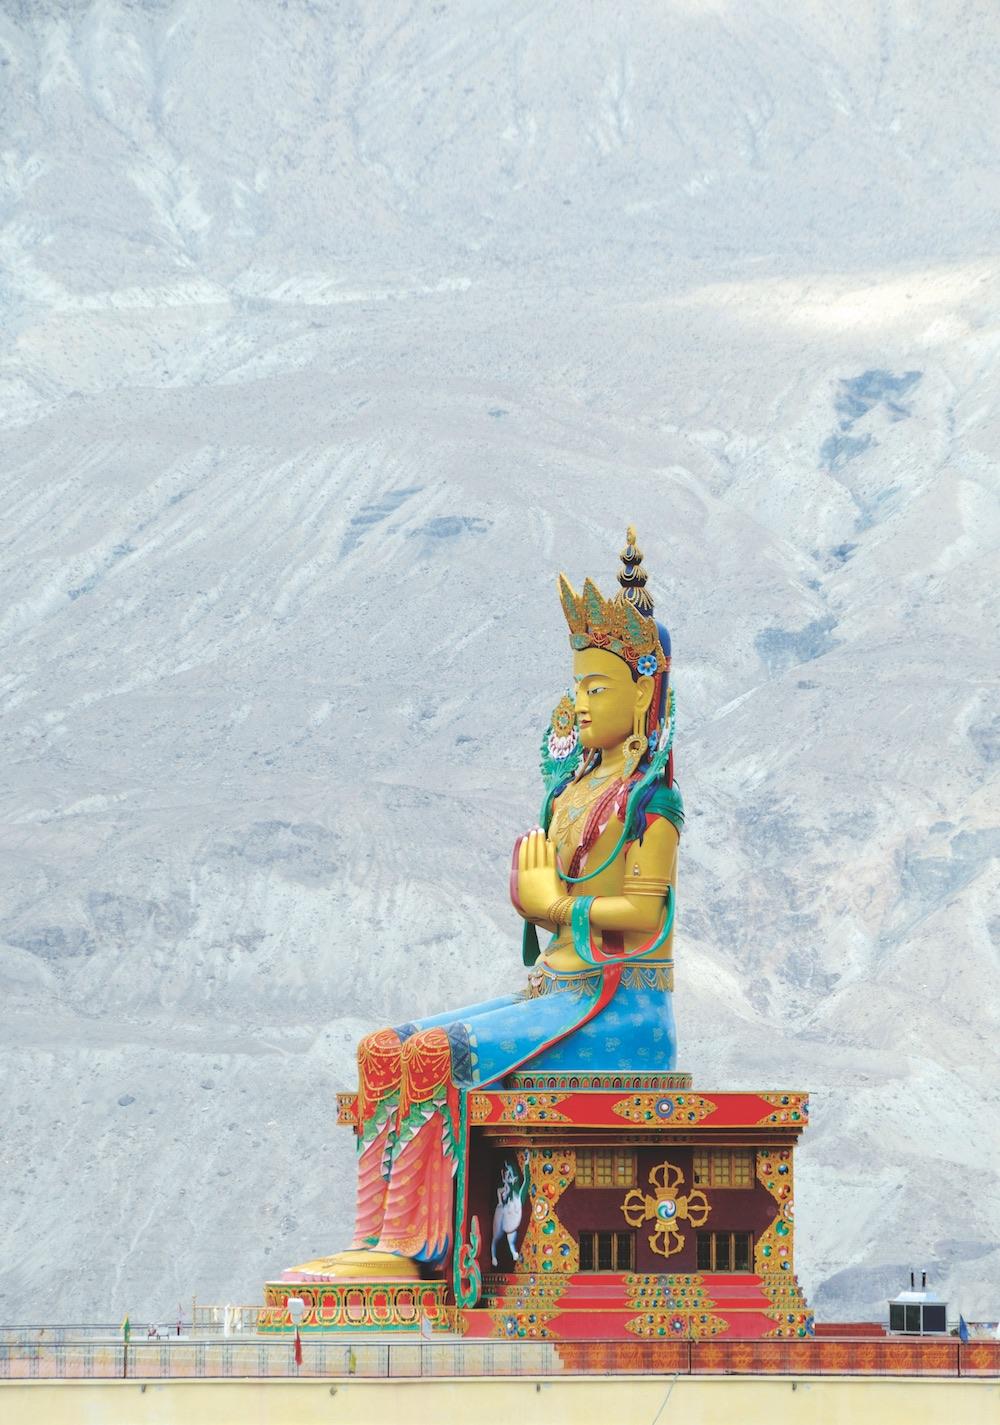 statue-of-jampa-maitreya-future-buddha-reported-to-be-32-metres-106-c7tprt.jpg